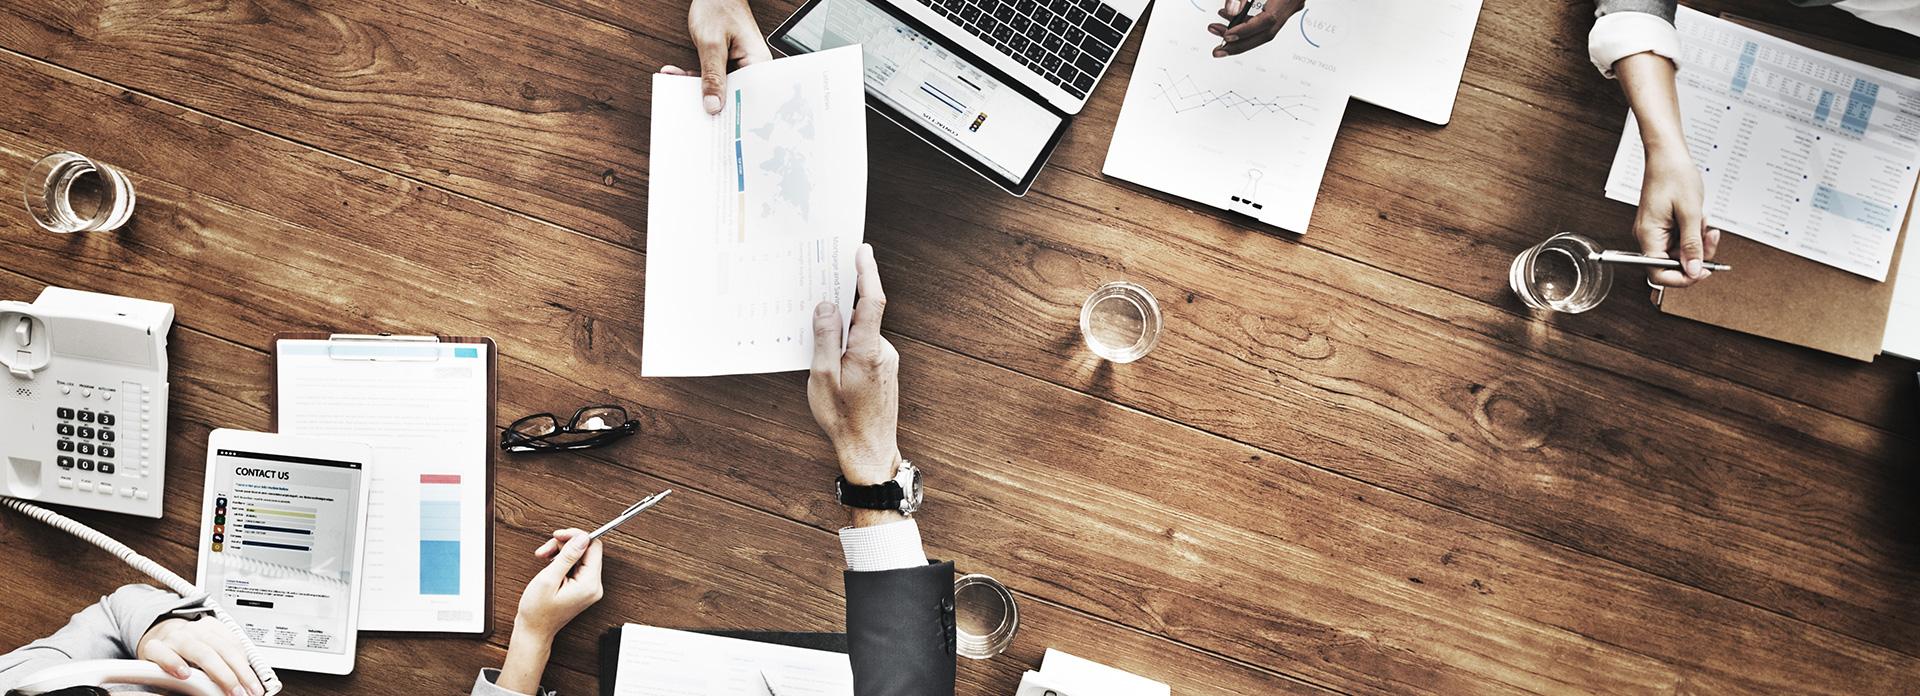 Qui sommes-nous - Cabinet Sallaberry – Experts comptables à Bayonne, Tarbes et Ondres